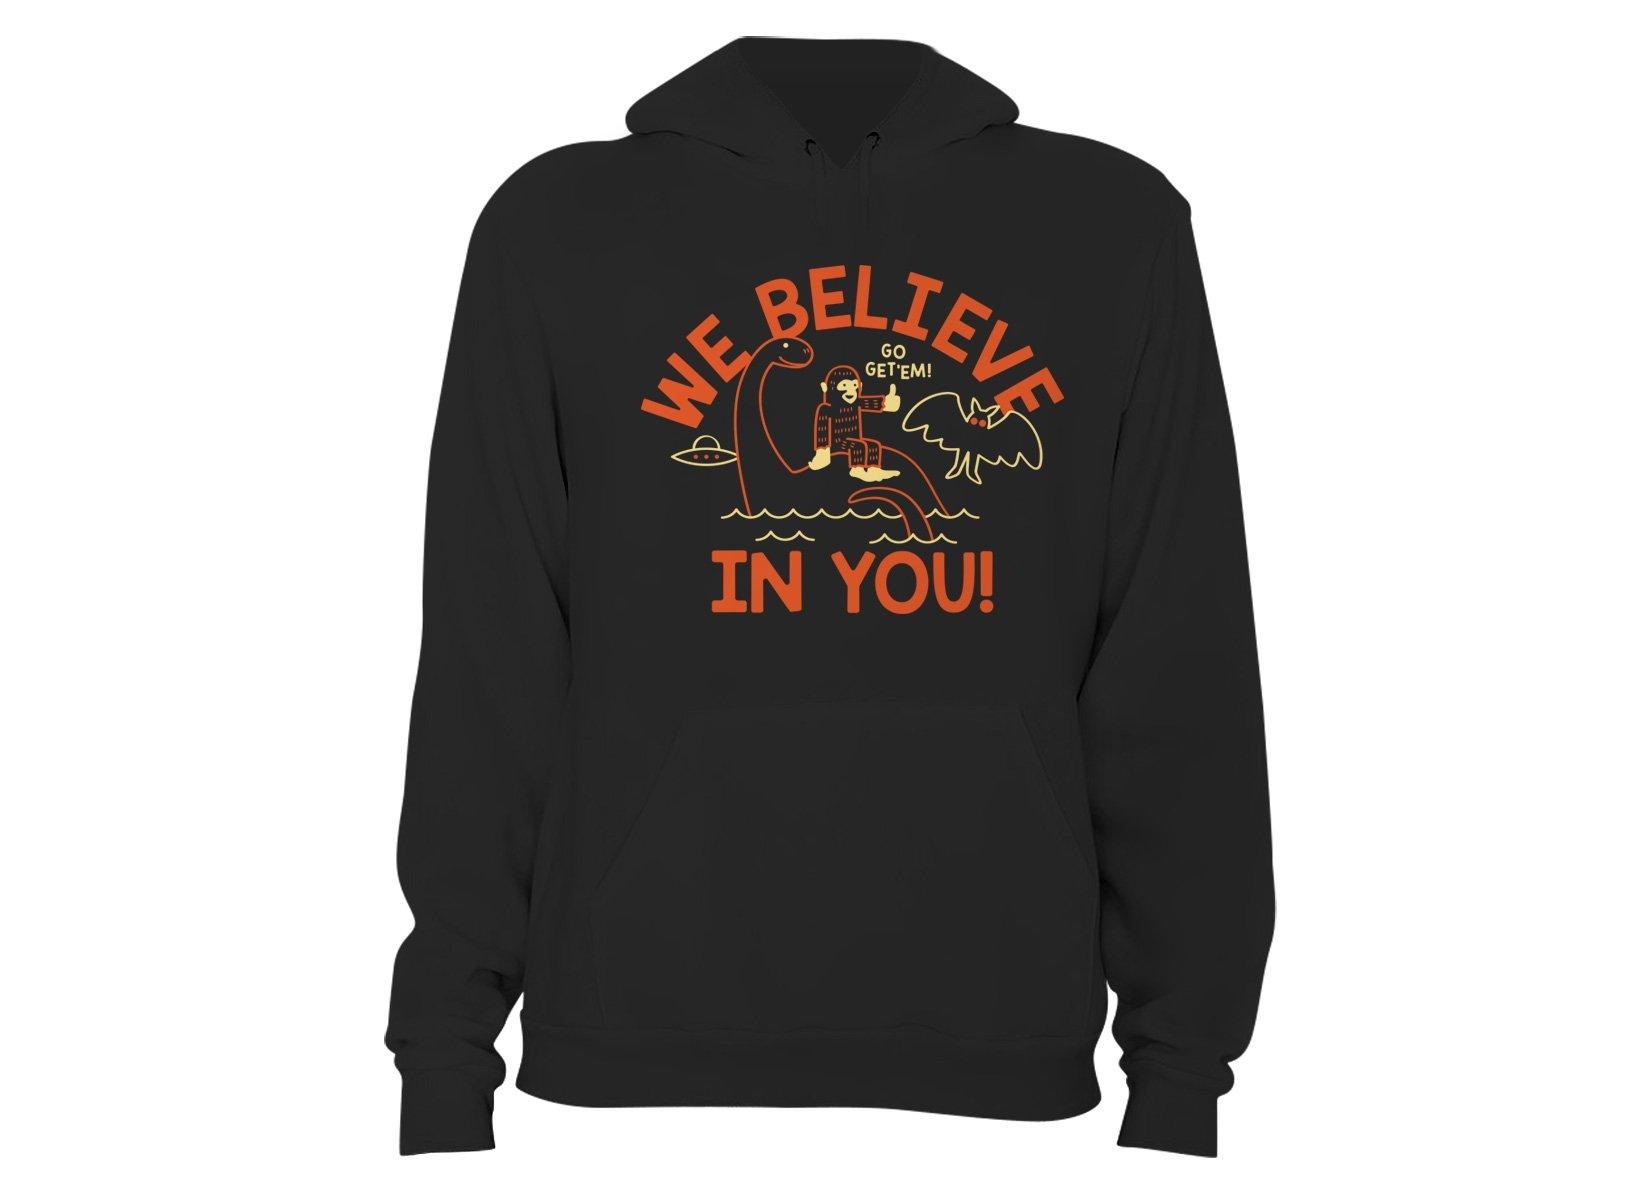 We Believe In You! on Hoodie